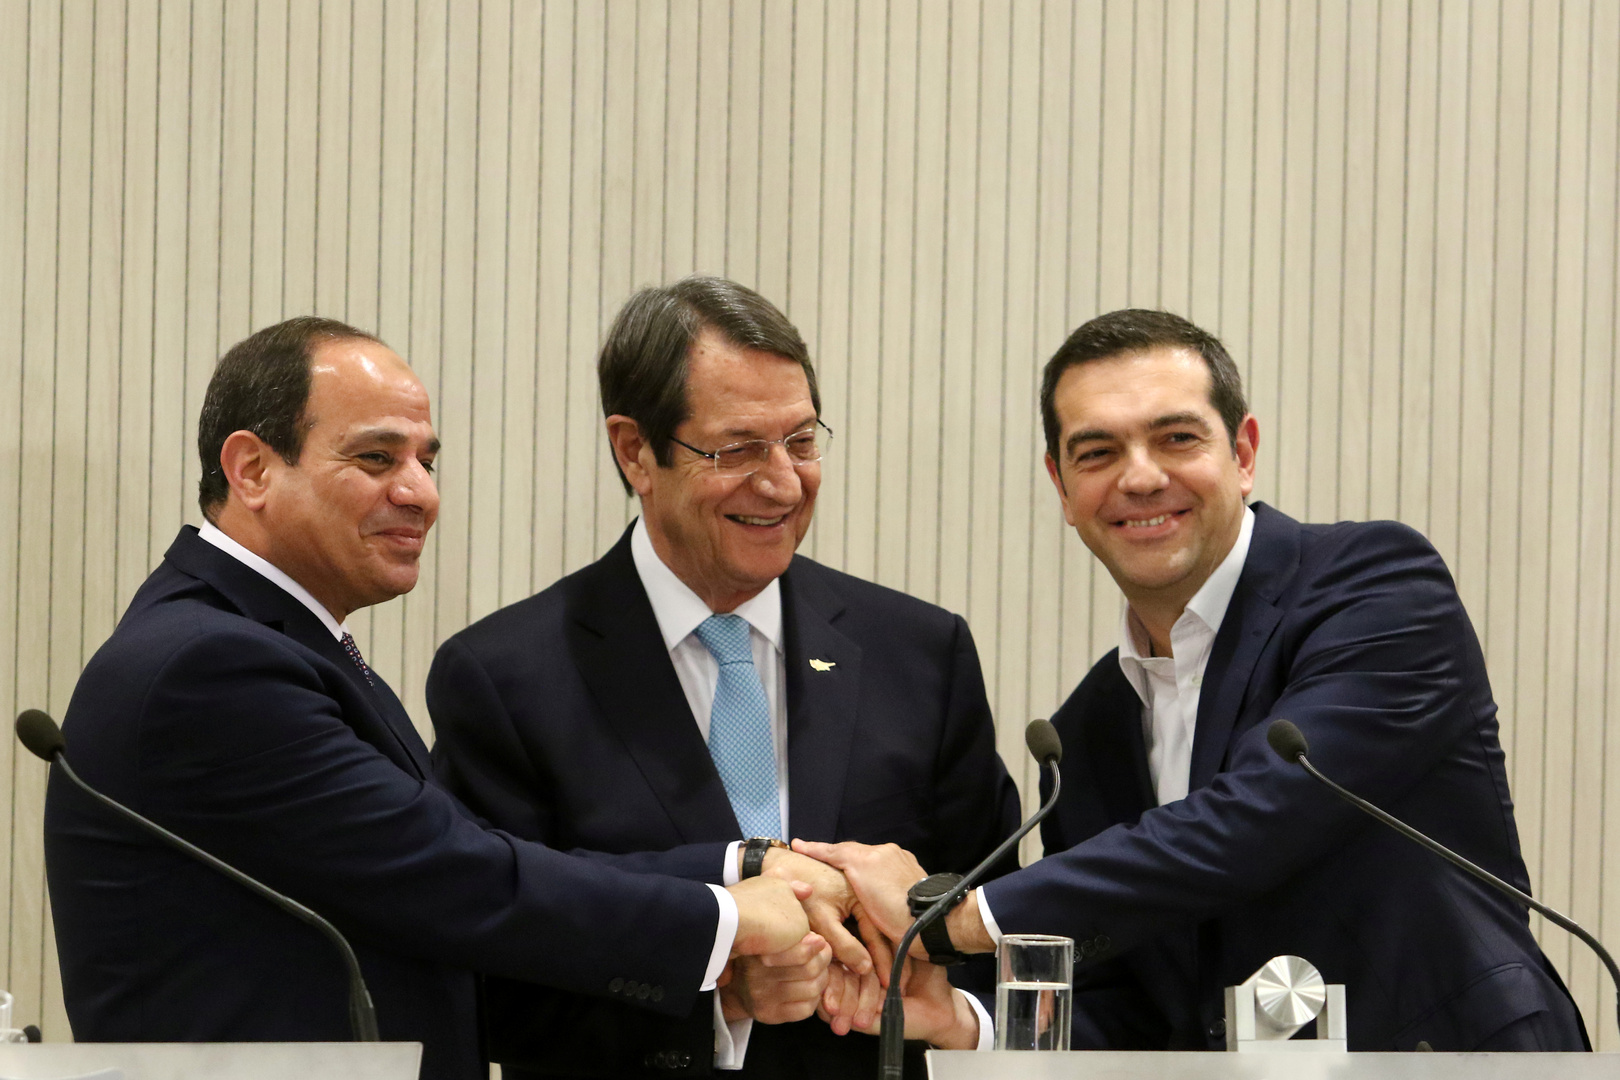 الرئيس المصري والرئيس القبرصي ورئيس الوزراء اليوناني يتصافحون